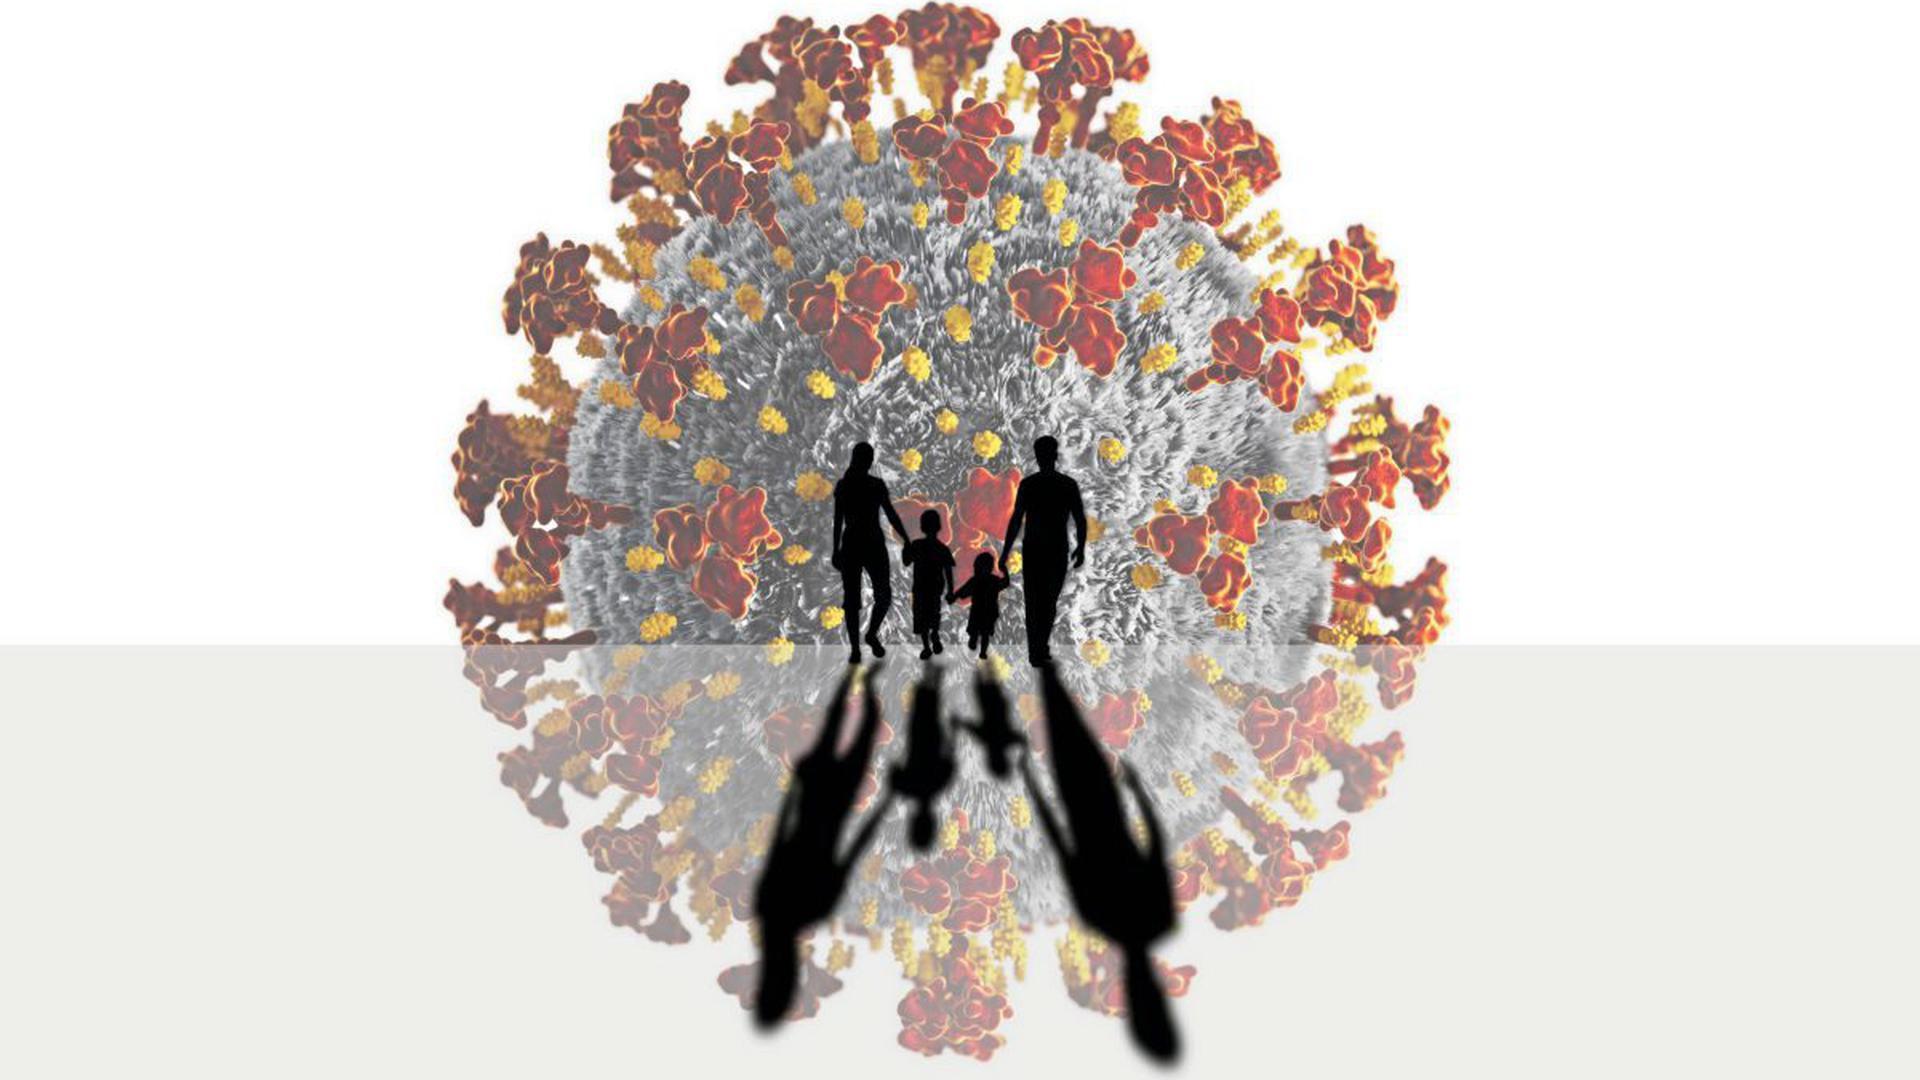 """In der Kolumne """"Zusammen zuhause"""" berichten die BNN-Redakteure über ihren Alltag in Zeiten des Coronavirus."""